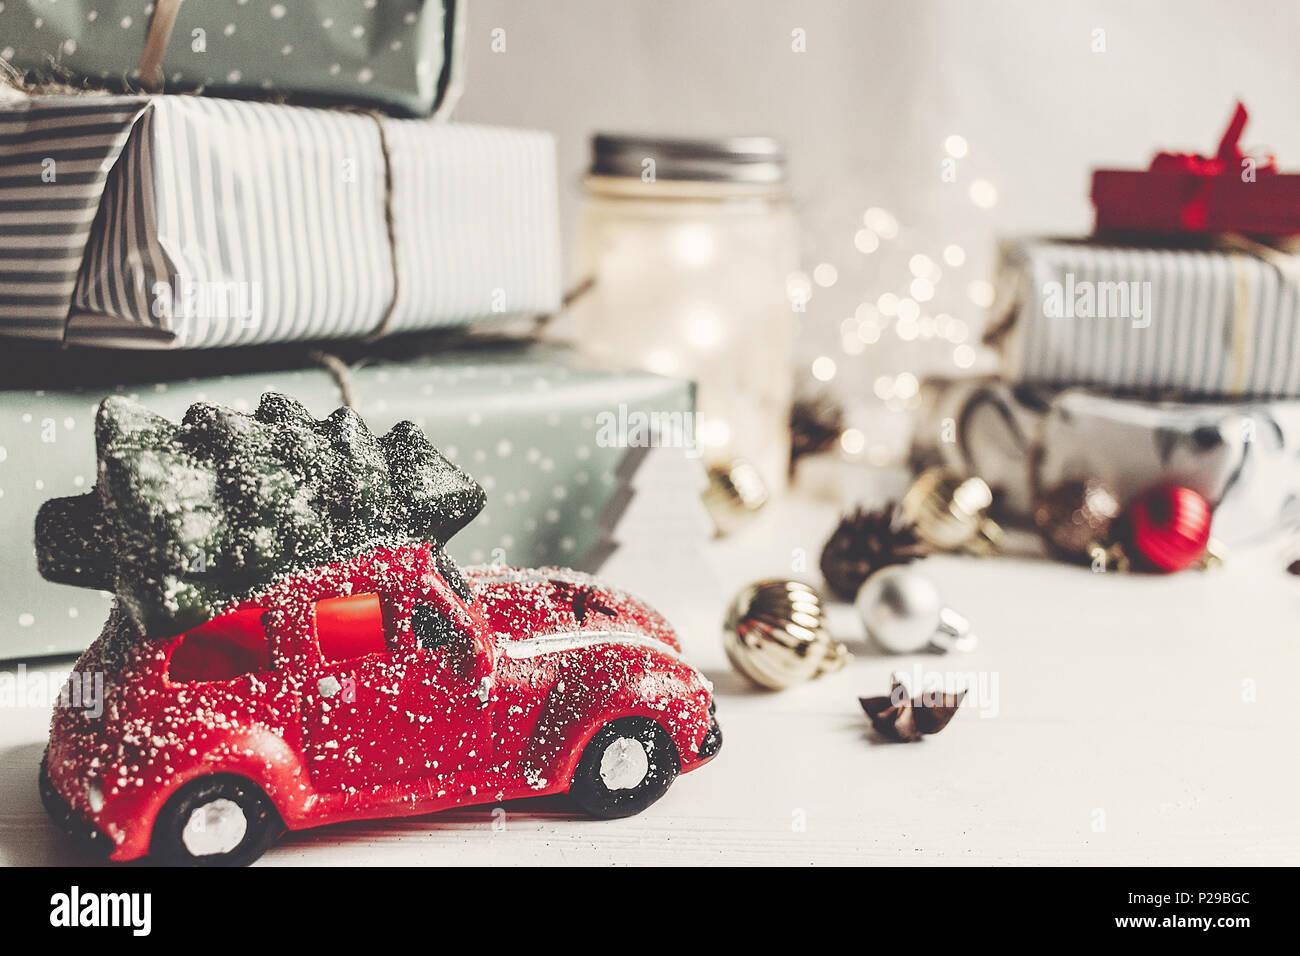 Moderne Weihnachtsgrüße Für Karten.Moderne Weihnachtsverzierungen Und Auto Spielzeug Mit Baum